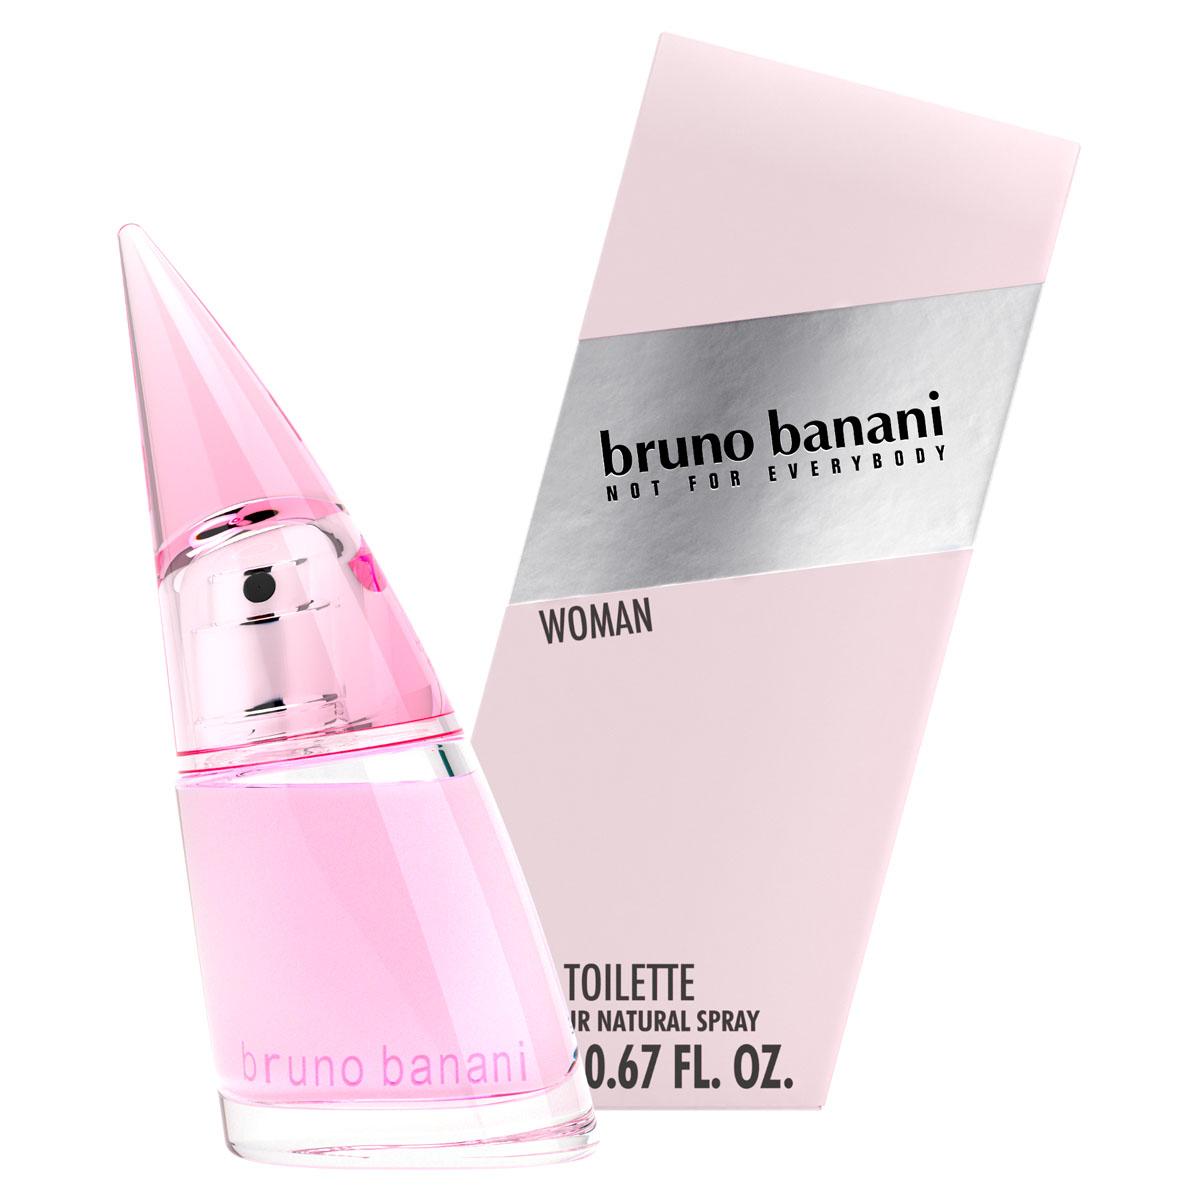 Bruno Banani Woman Туалетная вода 20 мл0737052903606АРОМАТ bruno banani WOMAN - полный энергии, соблазнительный и дерзкий, но очень чувственный. Фруктовые ноты персика смешиваются с теплотой ванили и придают аромату чувственность.